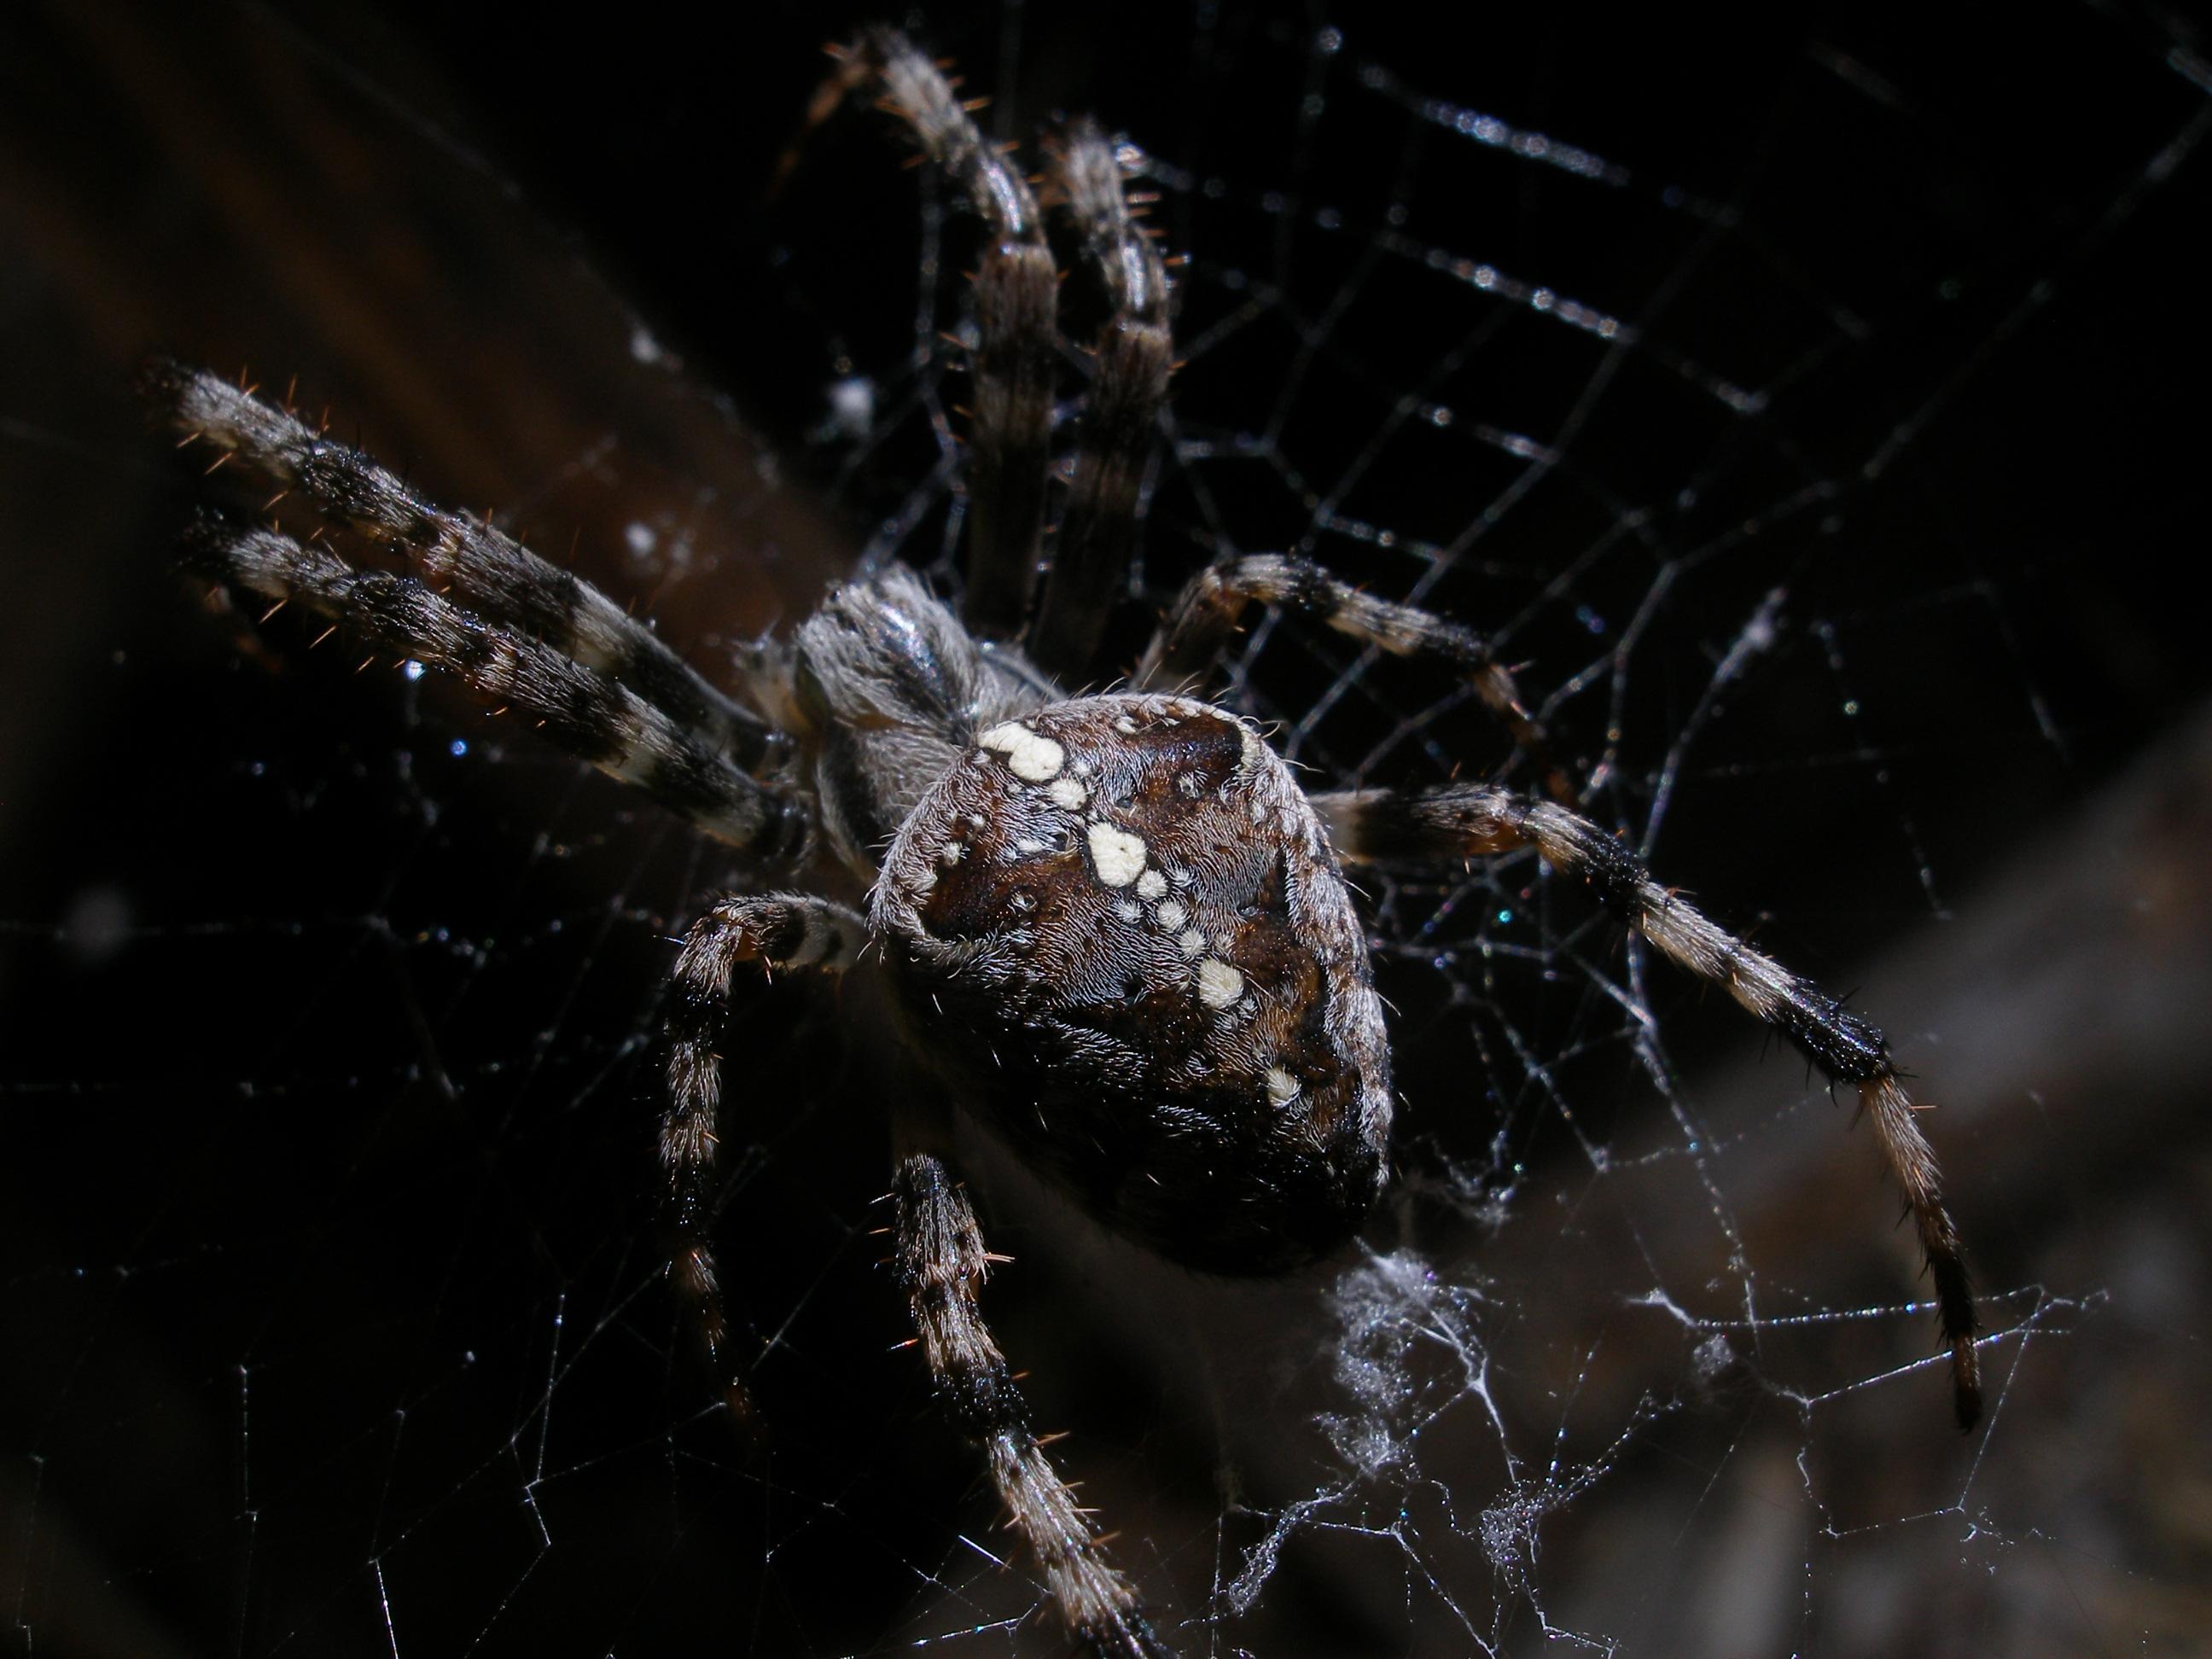 заявил, паук крестоносец в паутине на лопатке фото родилась семье